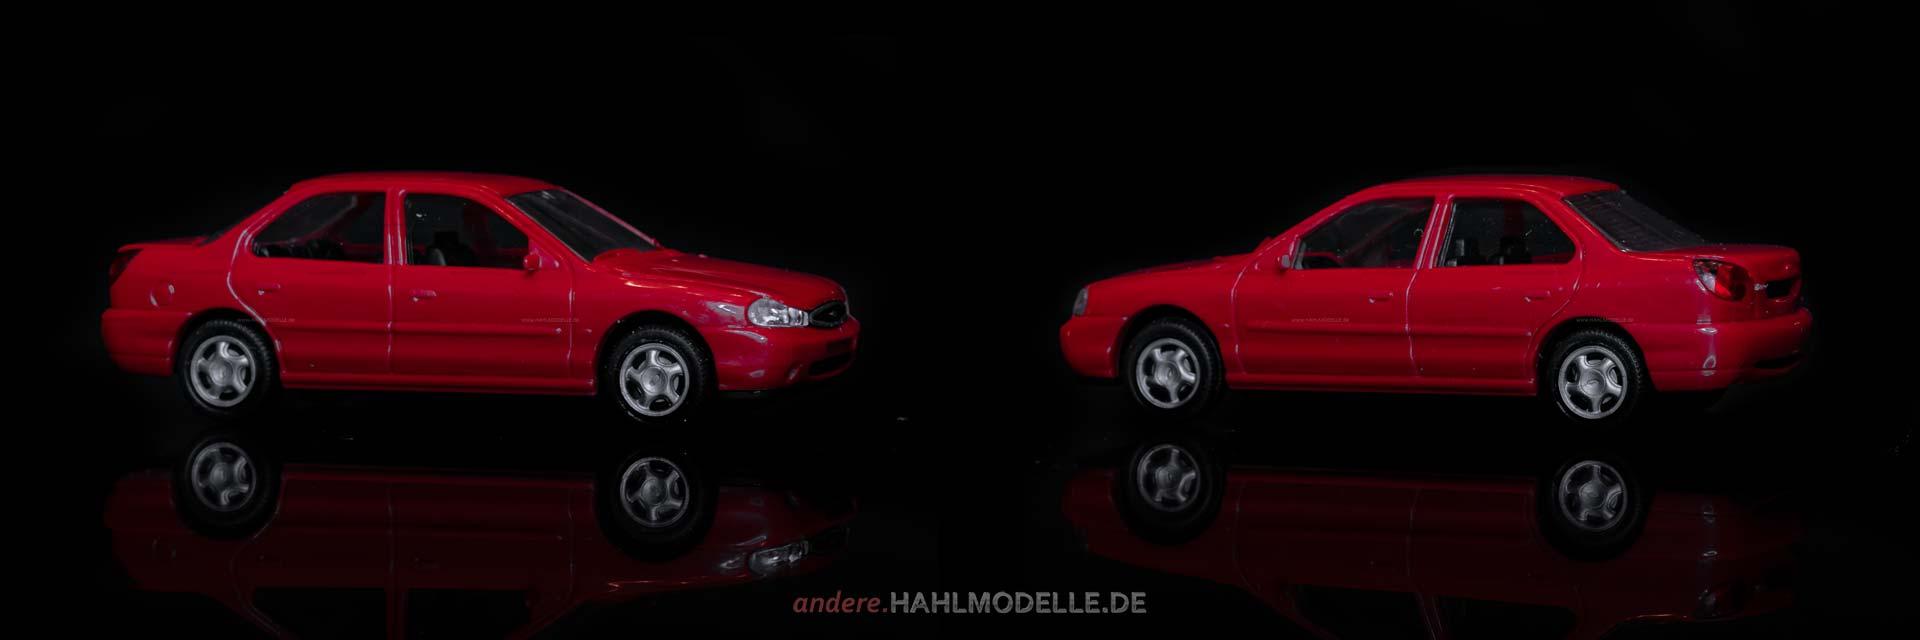 Ford Mondeo '97 Ghia | Limousine | Rietze | 1:87 | www.andere.hahlmodelle.de